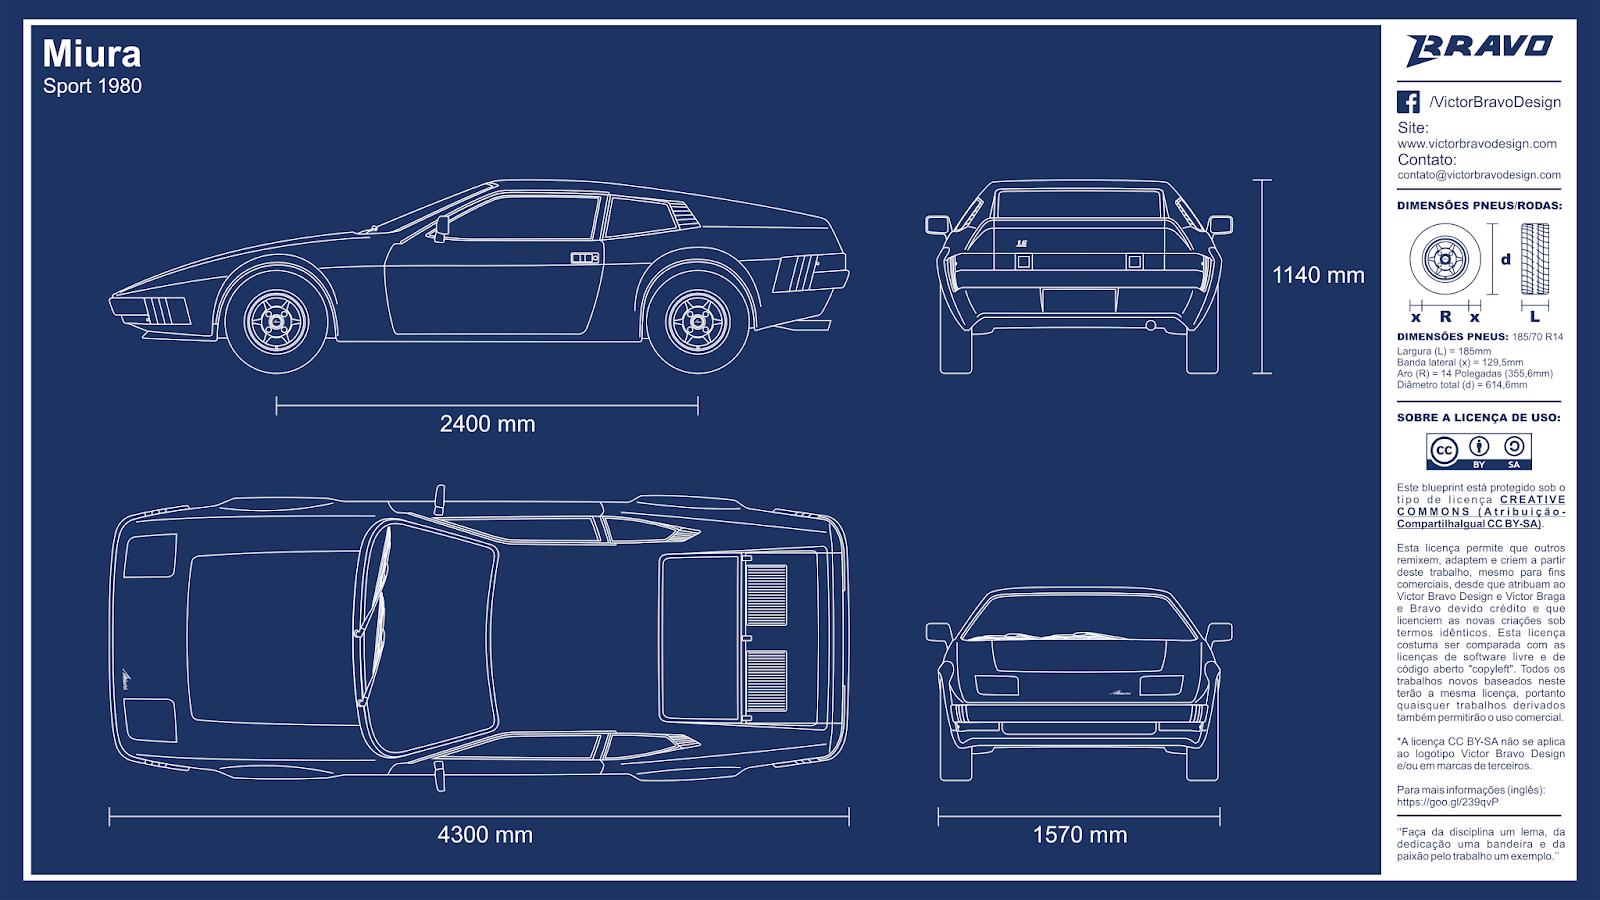 Imagem mostrando o desenho do blueprint do Miura Sport 1980